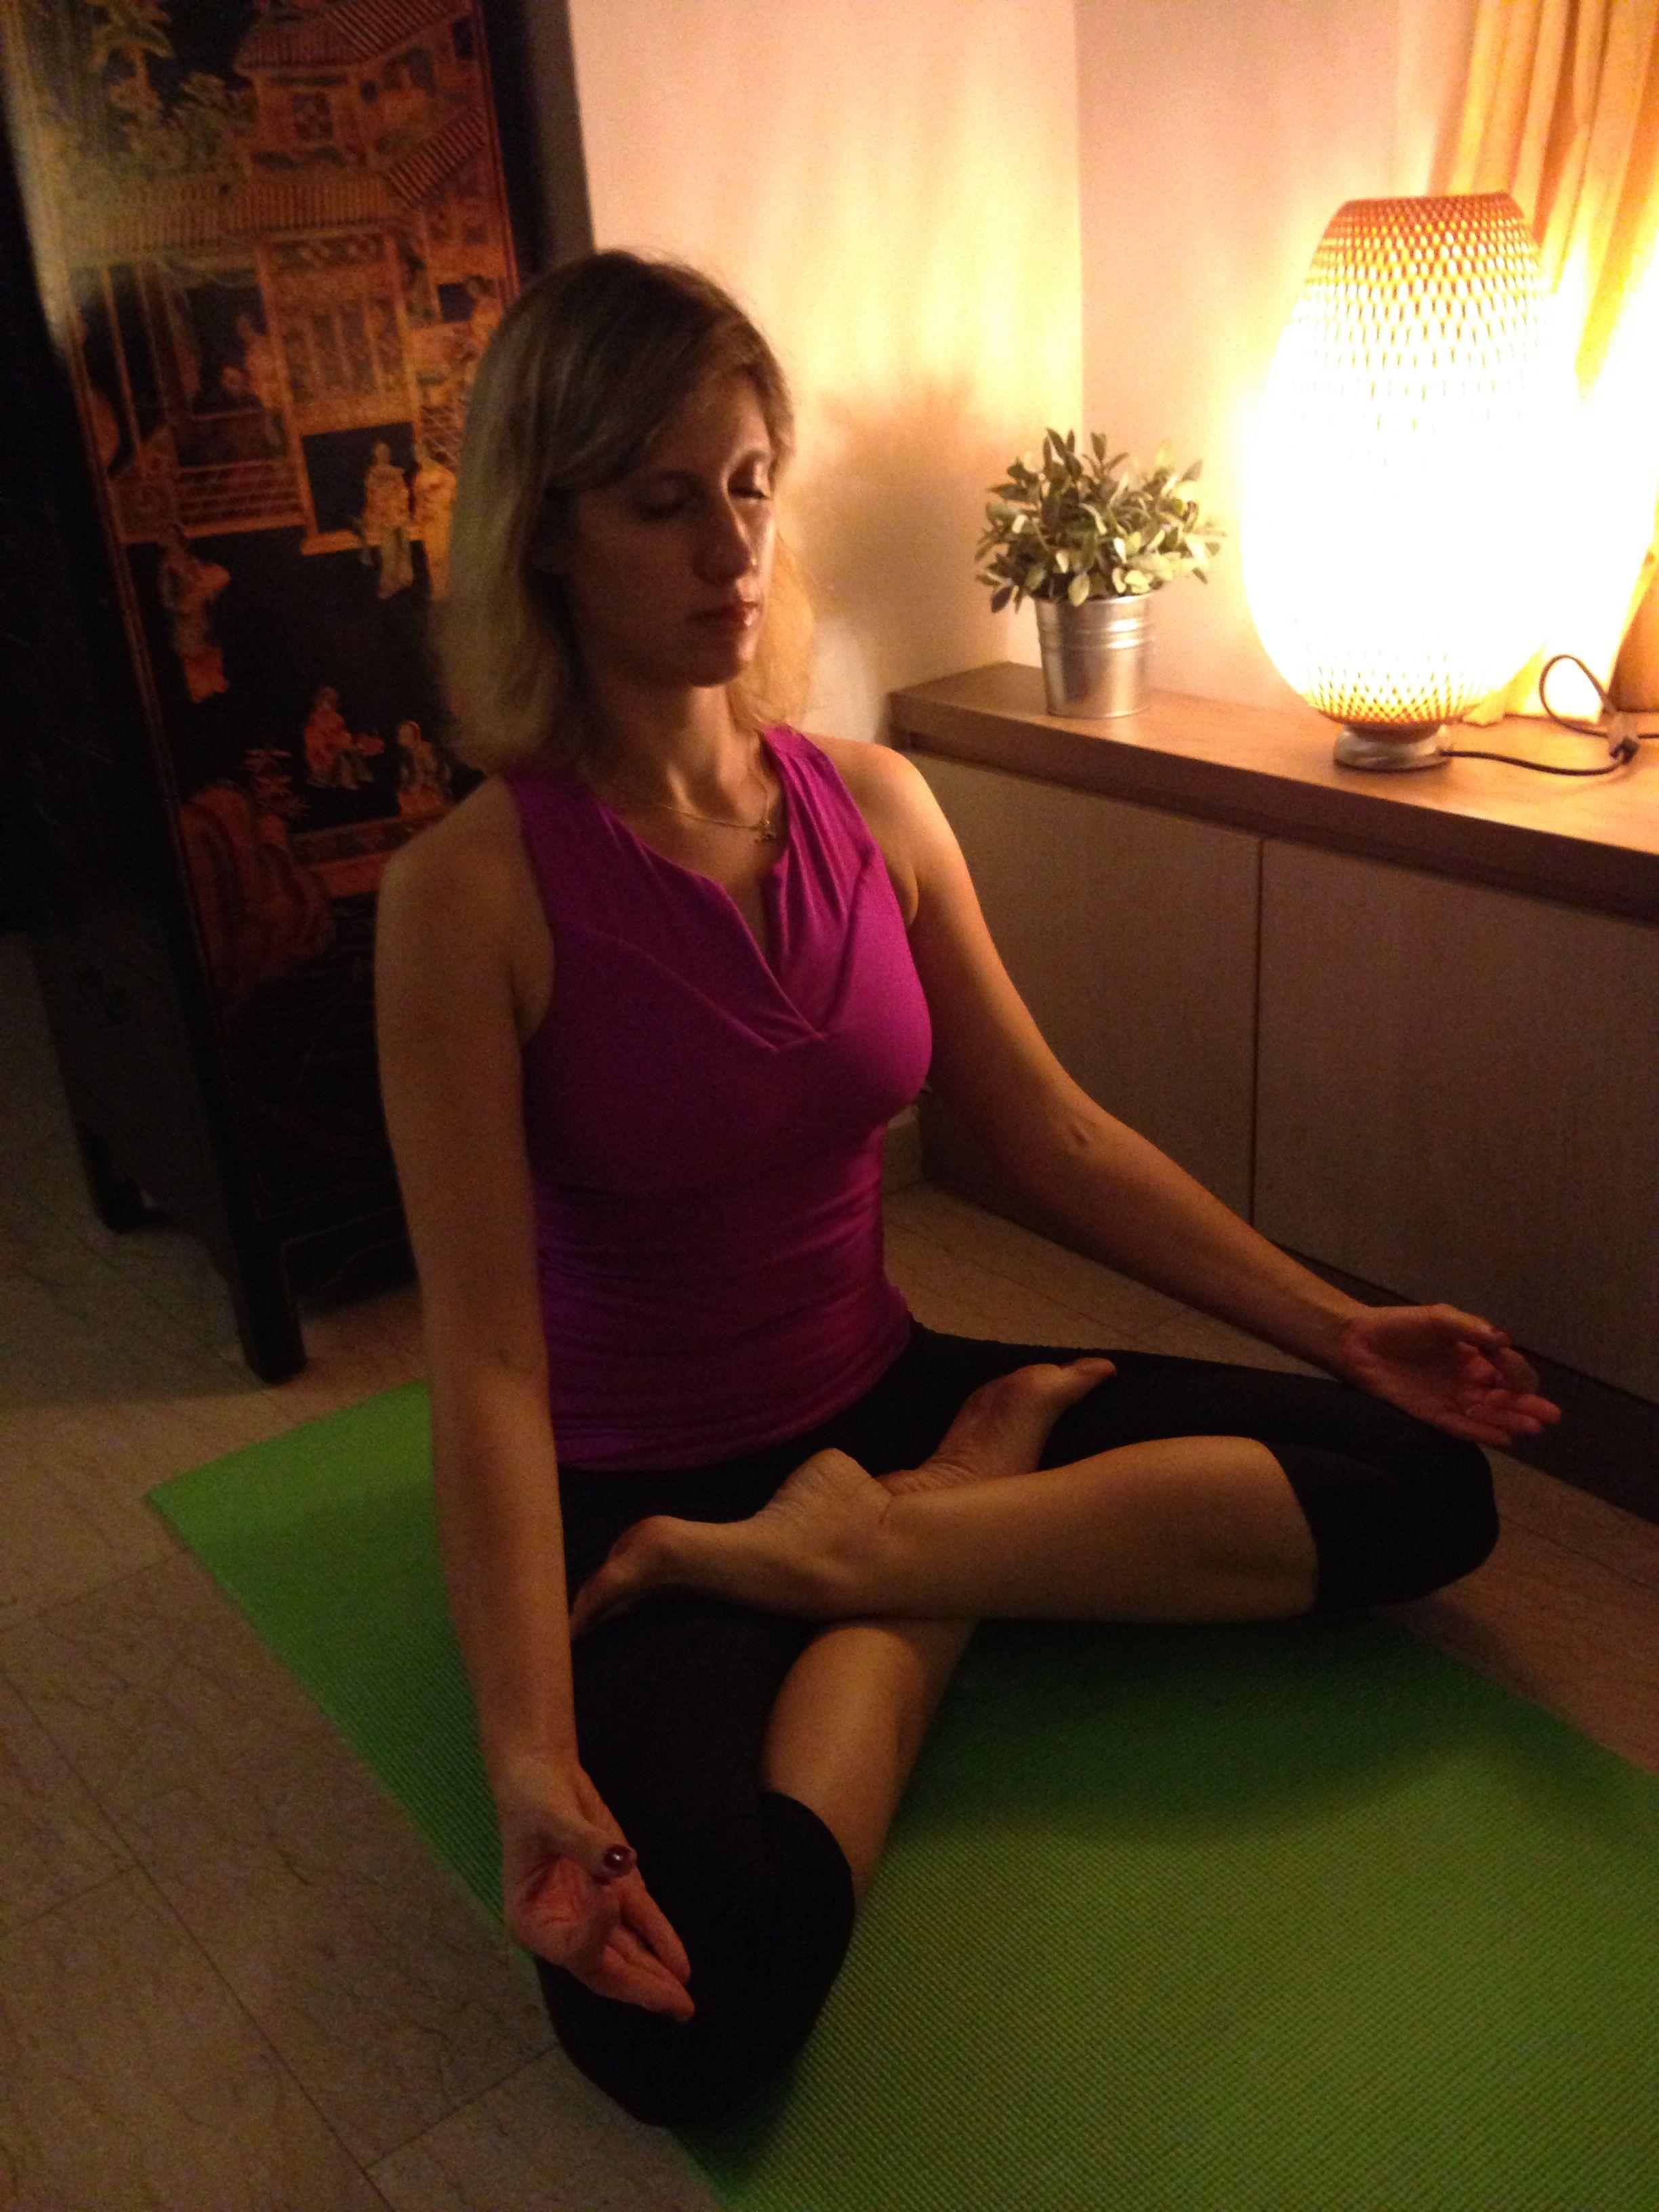 Meditative asana by Sabine YogaSana | Yoga postures, Yoga ...